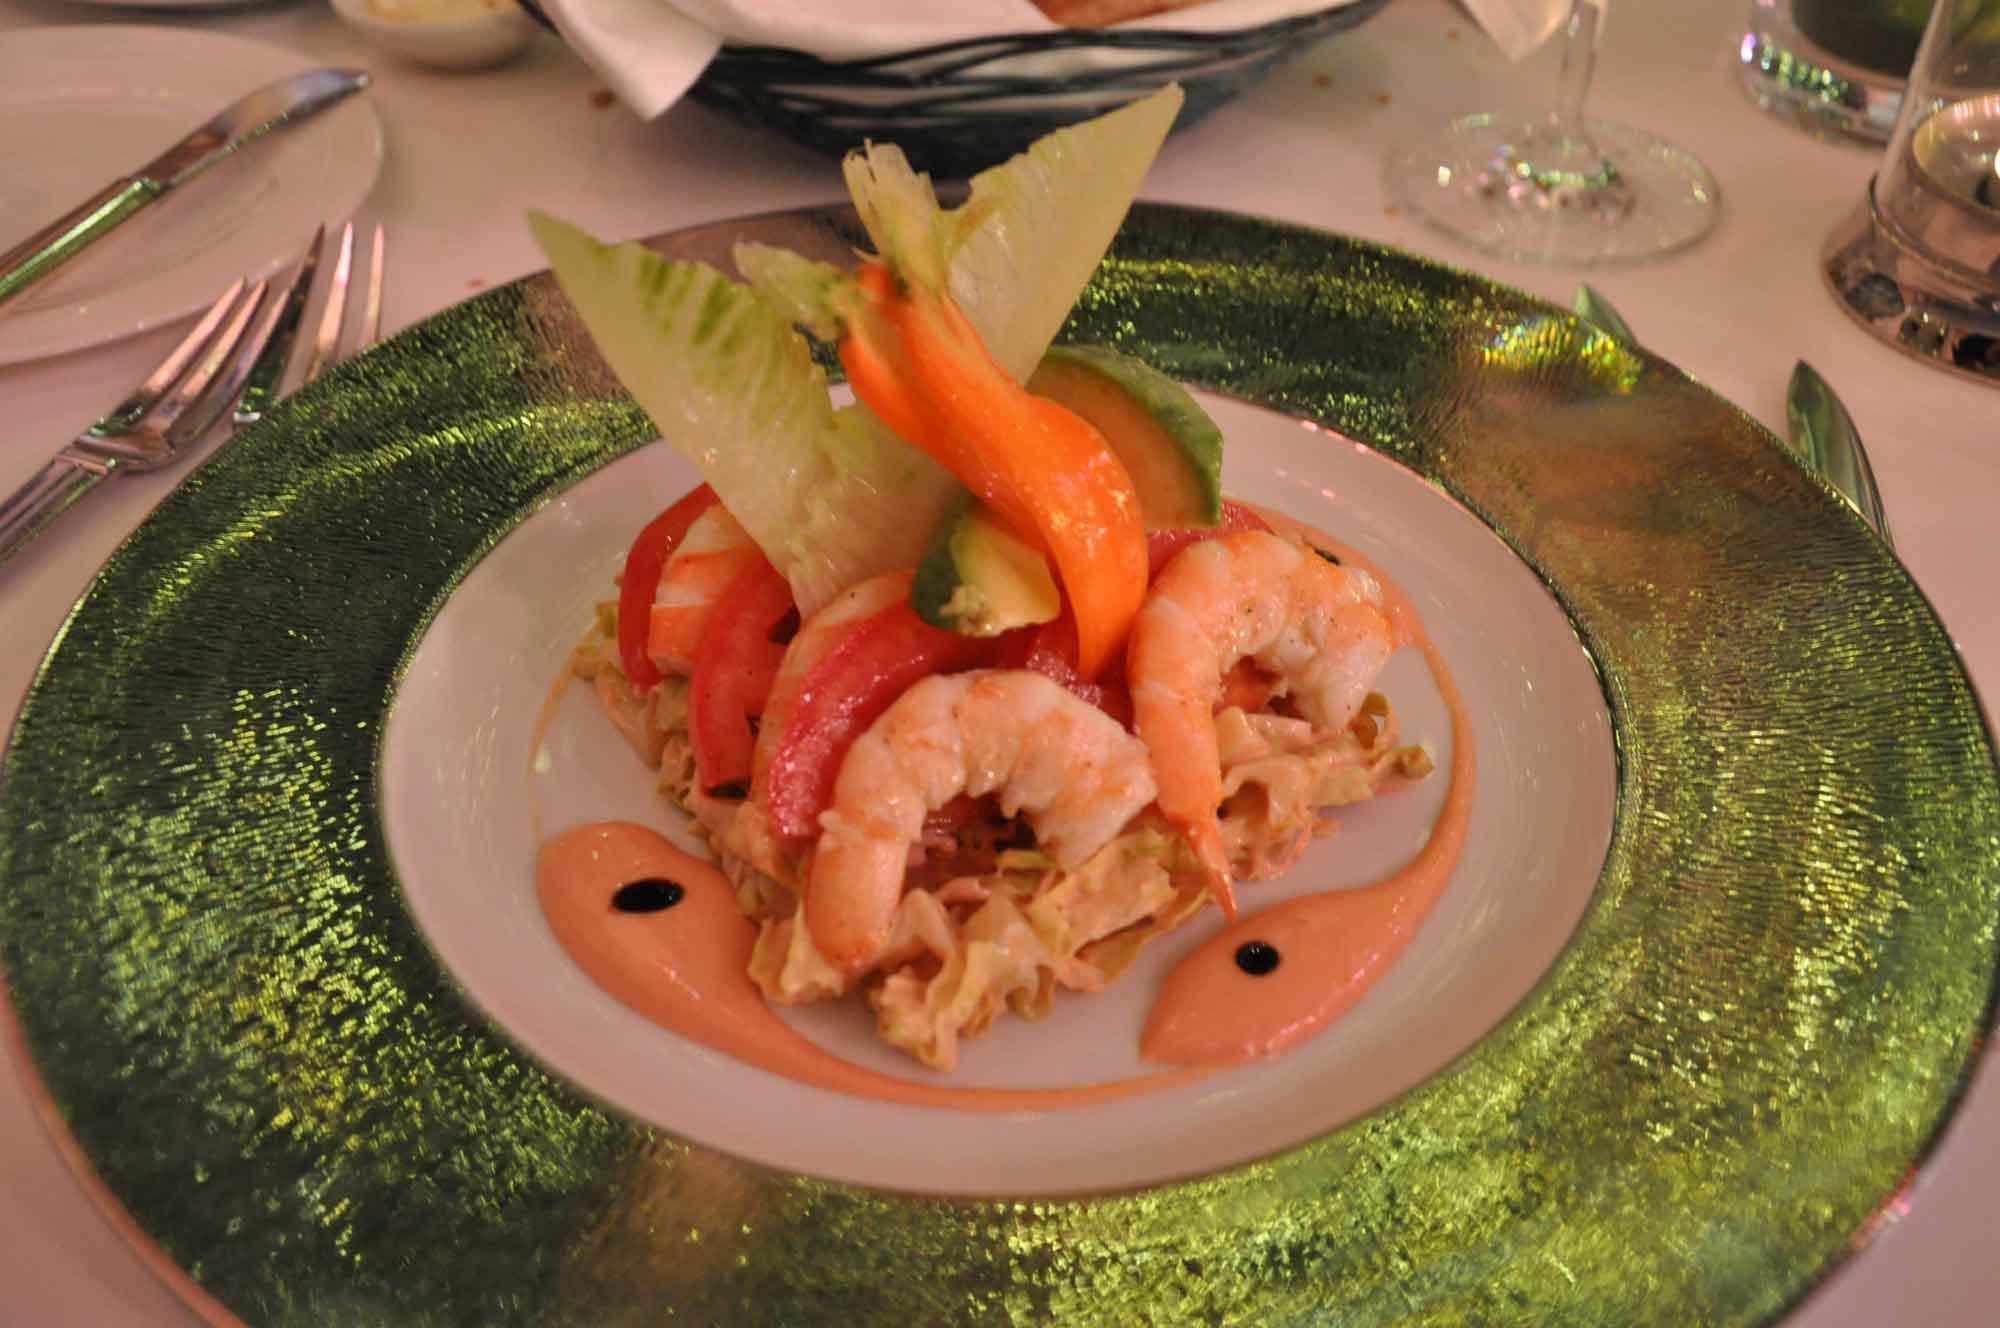 Aux Beaux Arts Macau shrimp cocktail